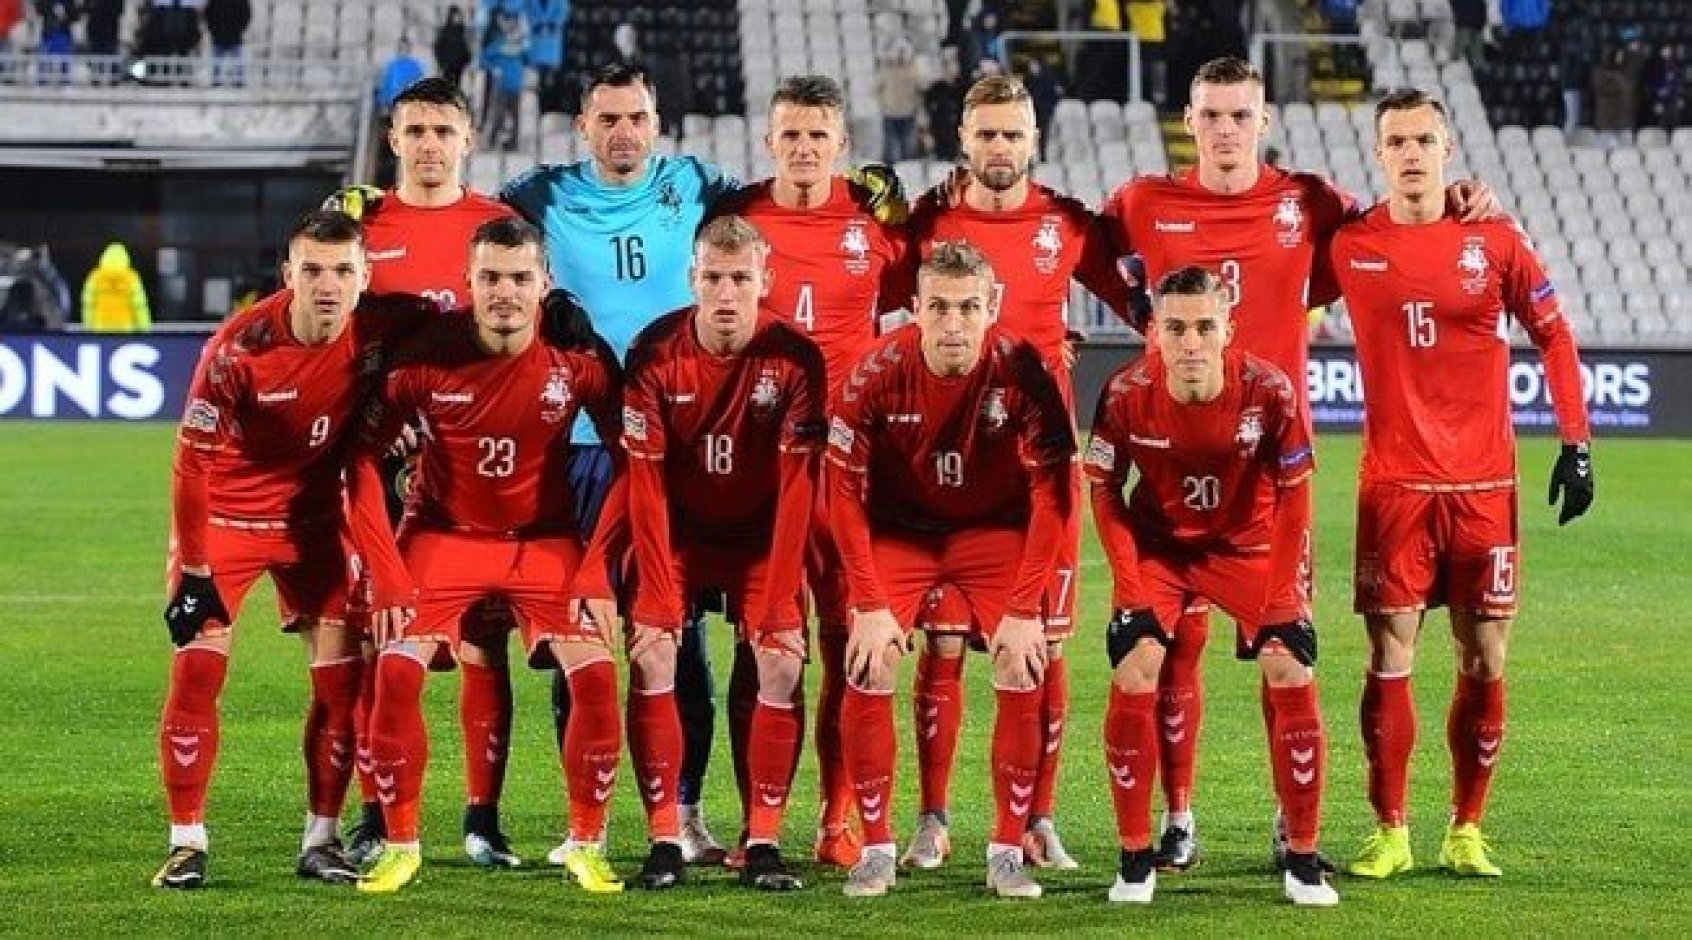 Збірна Литви оголосила склад на матчі відбору Євро-2020 з Україною та Португалією